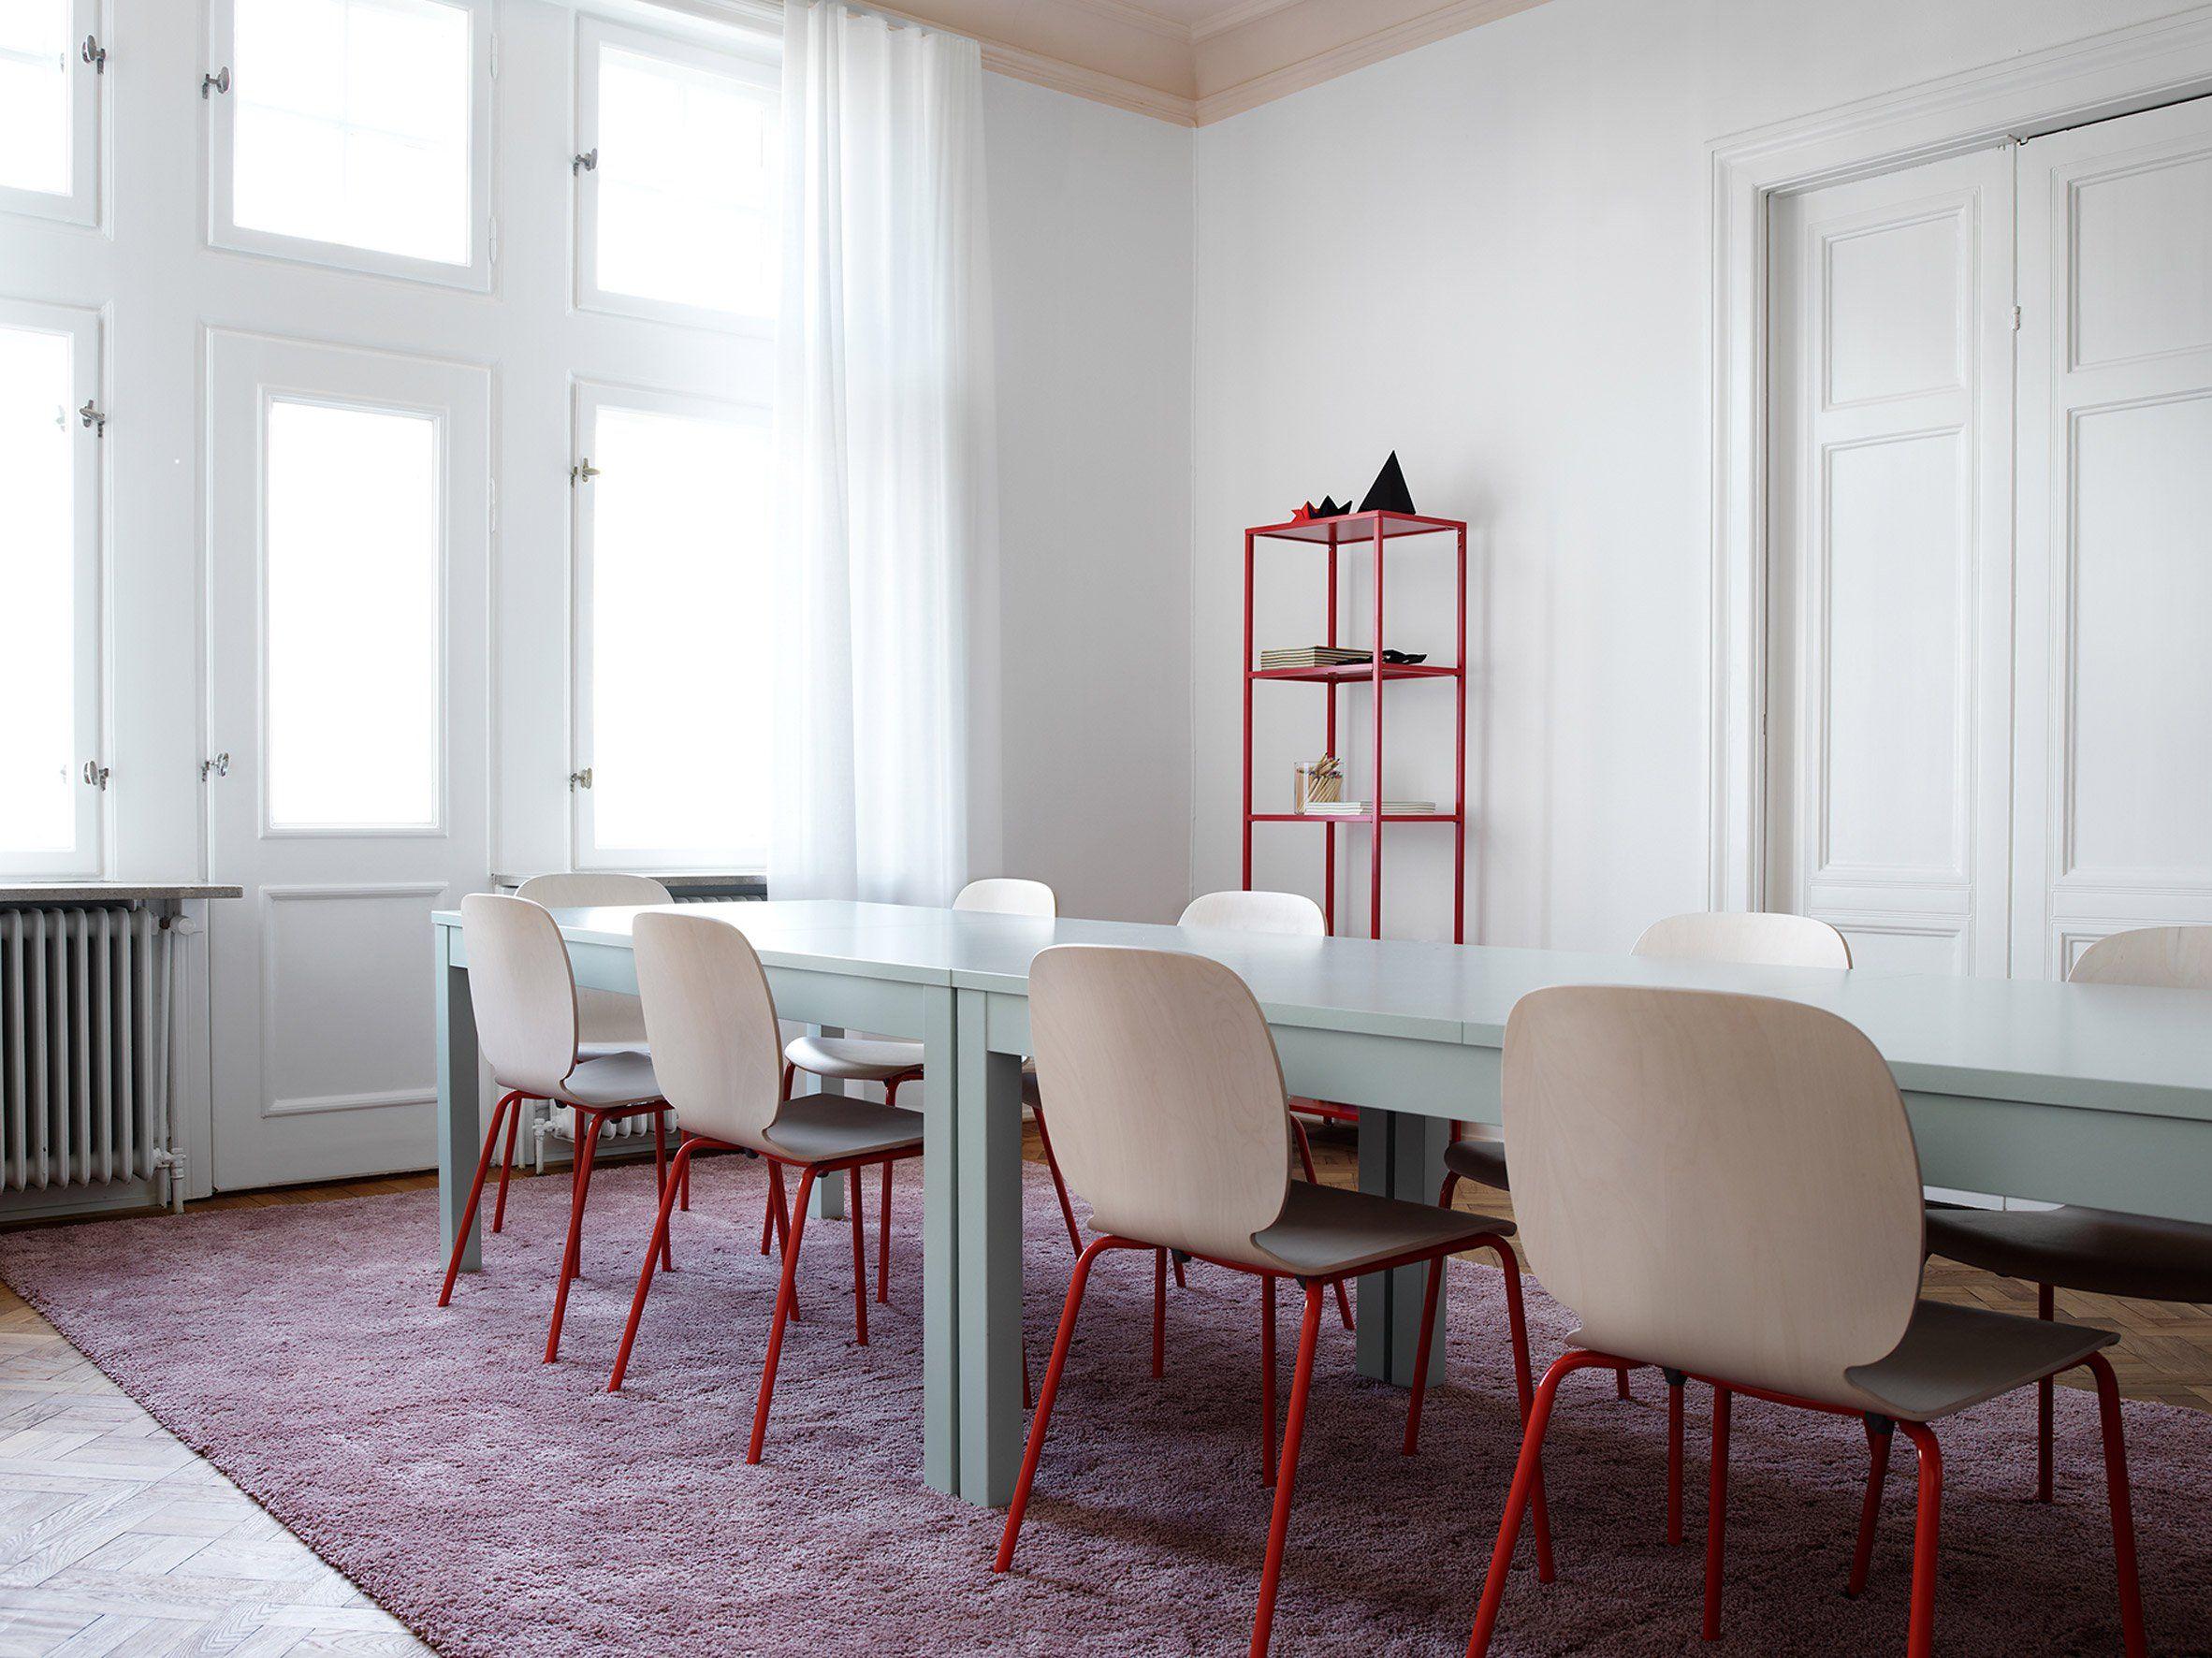 Ikea Interior Design Interior Designer Nanna Lagerman Has Designed The Office Spaces